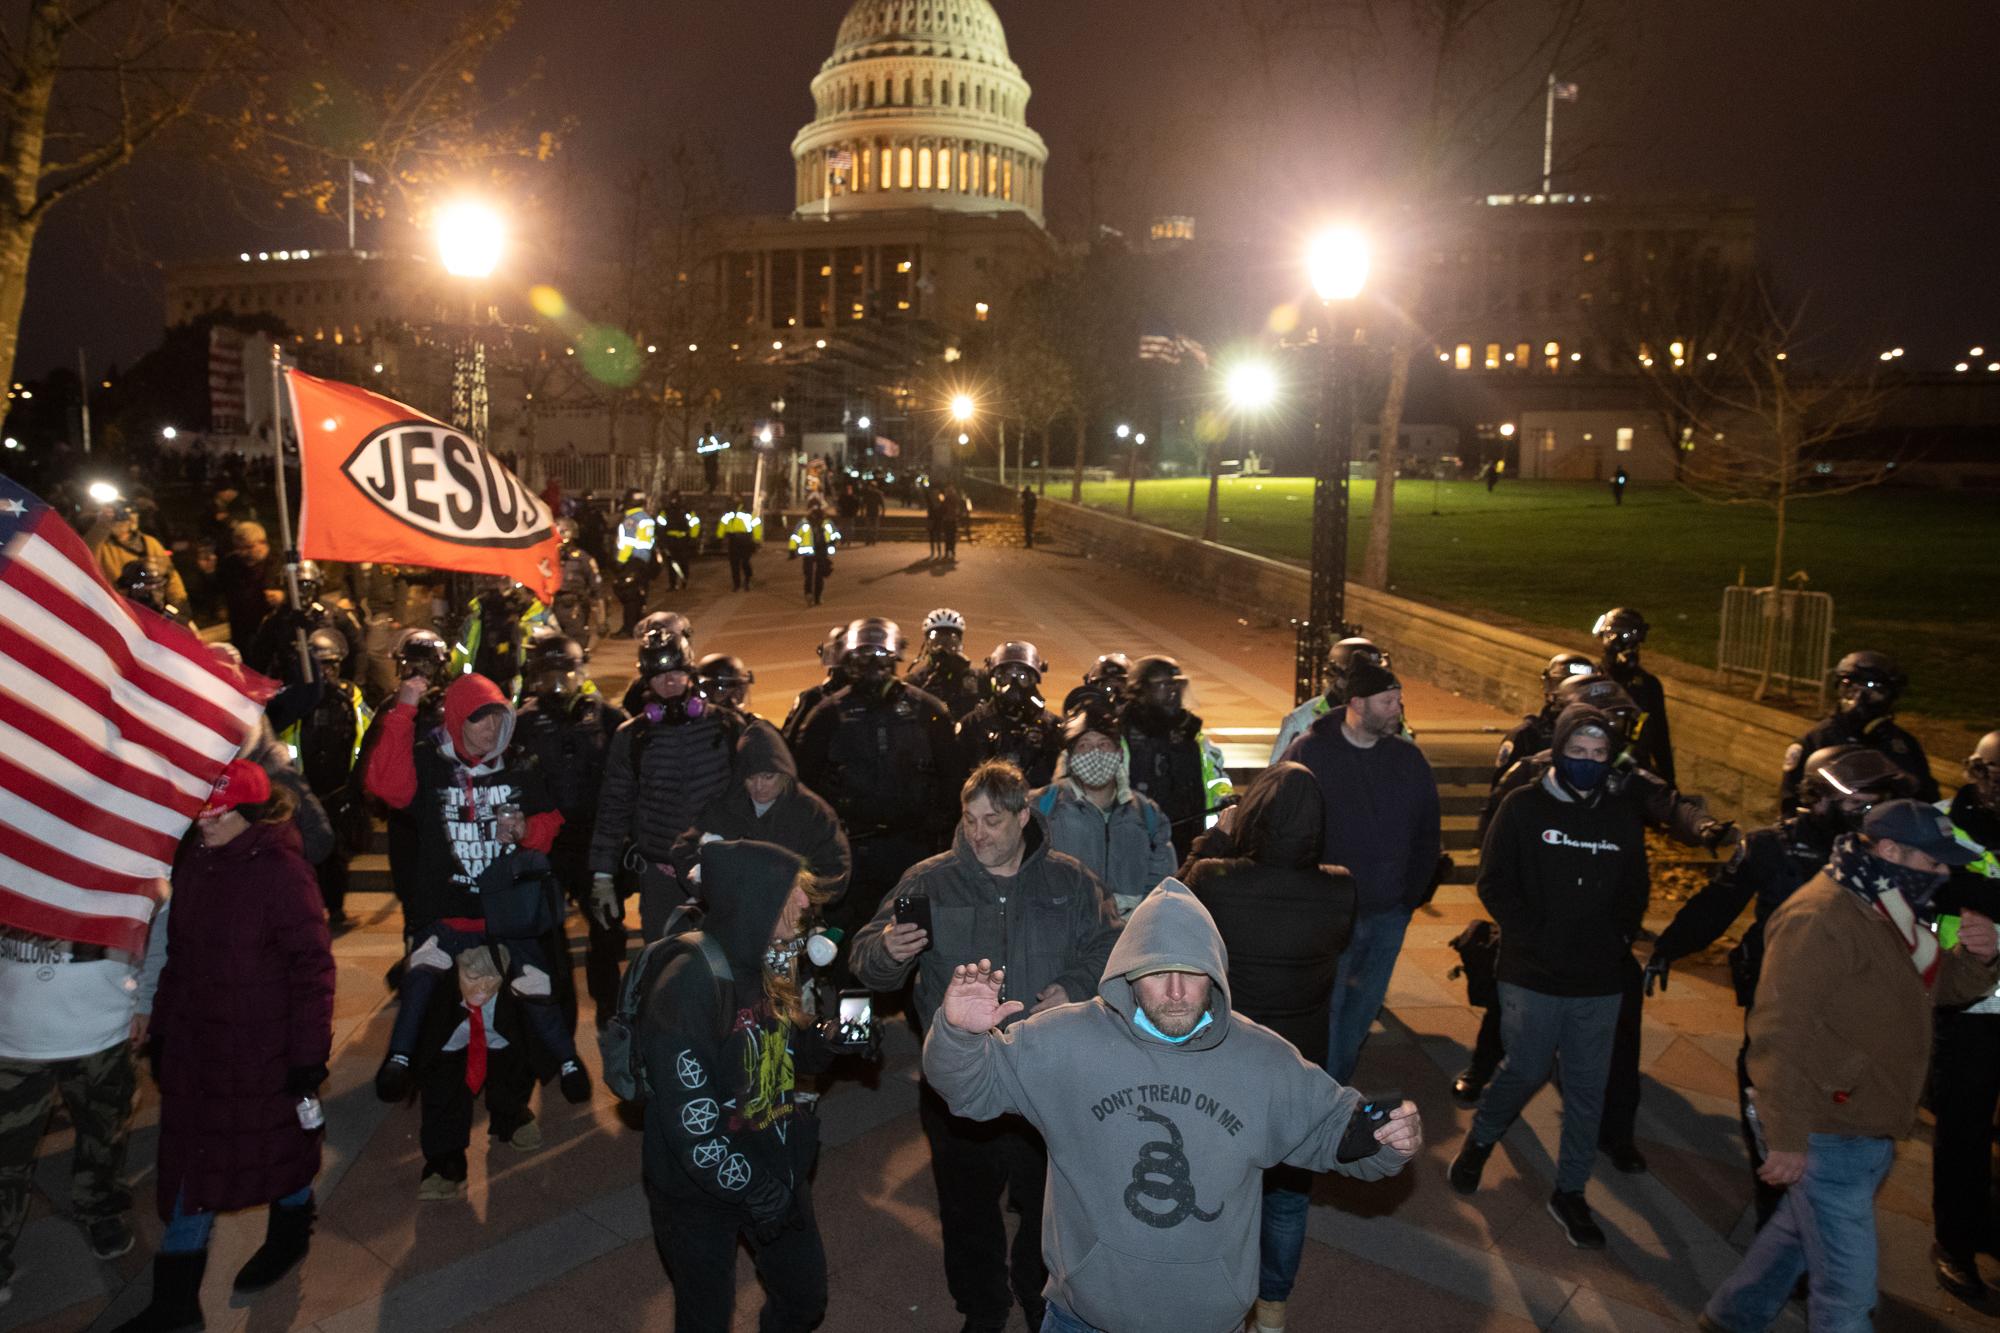 cops vs protesters